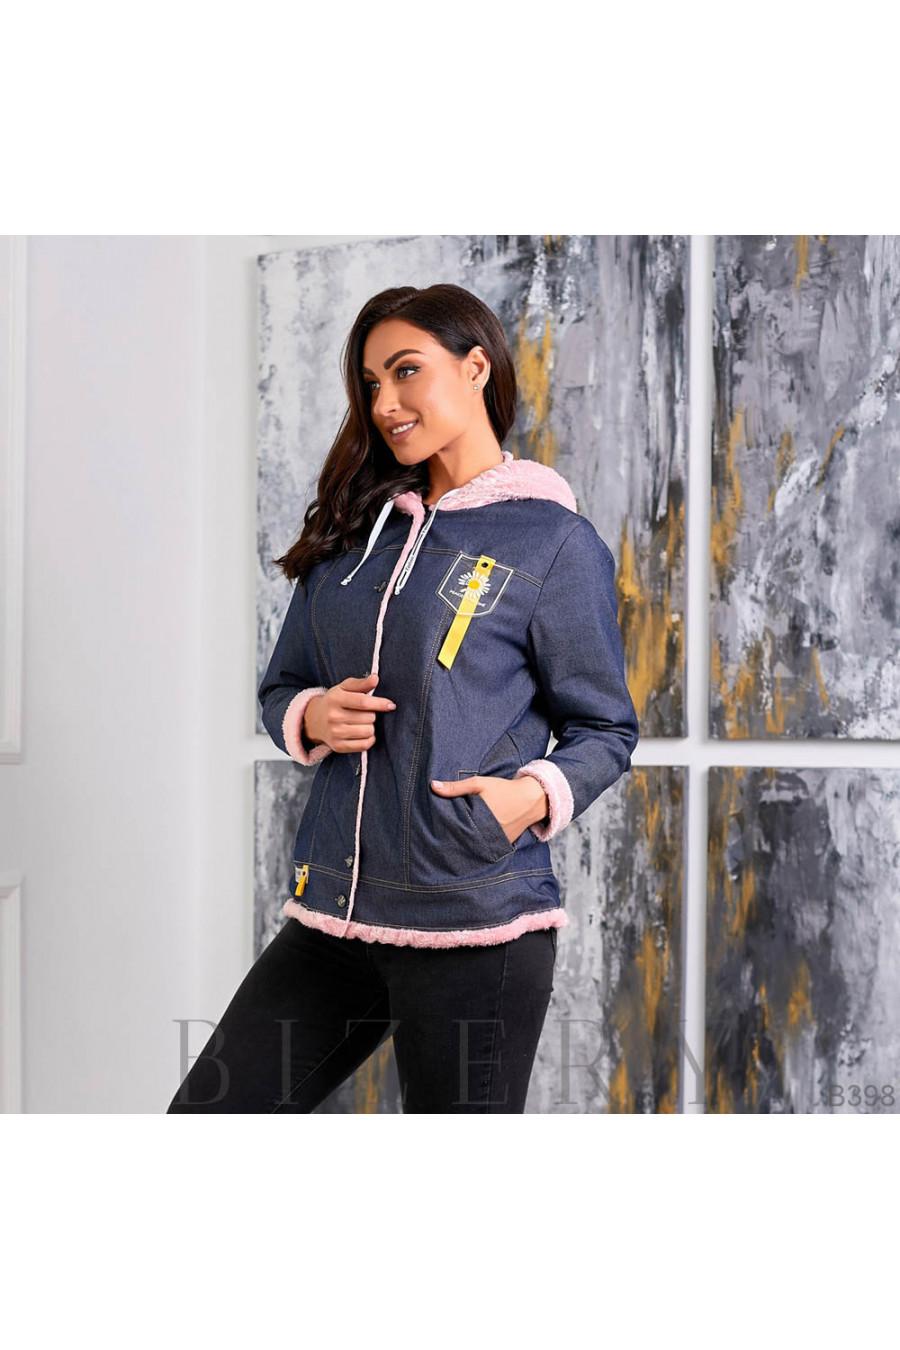 Утеплённая джинсовая куртка с розовым мехом B398